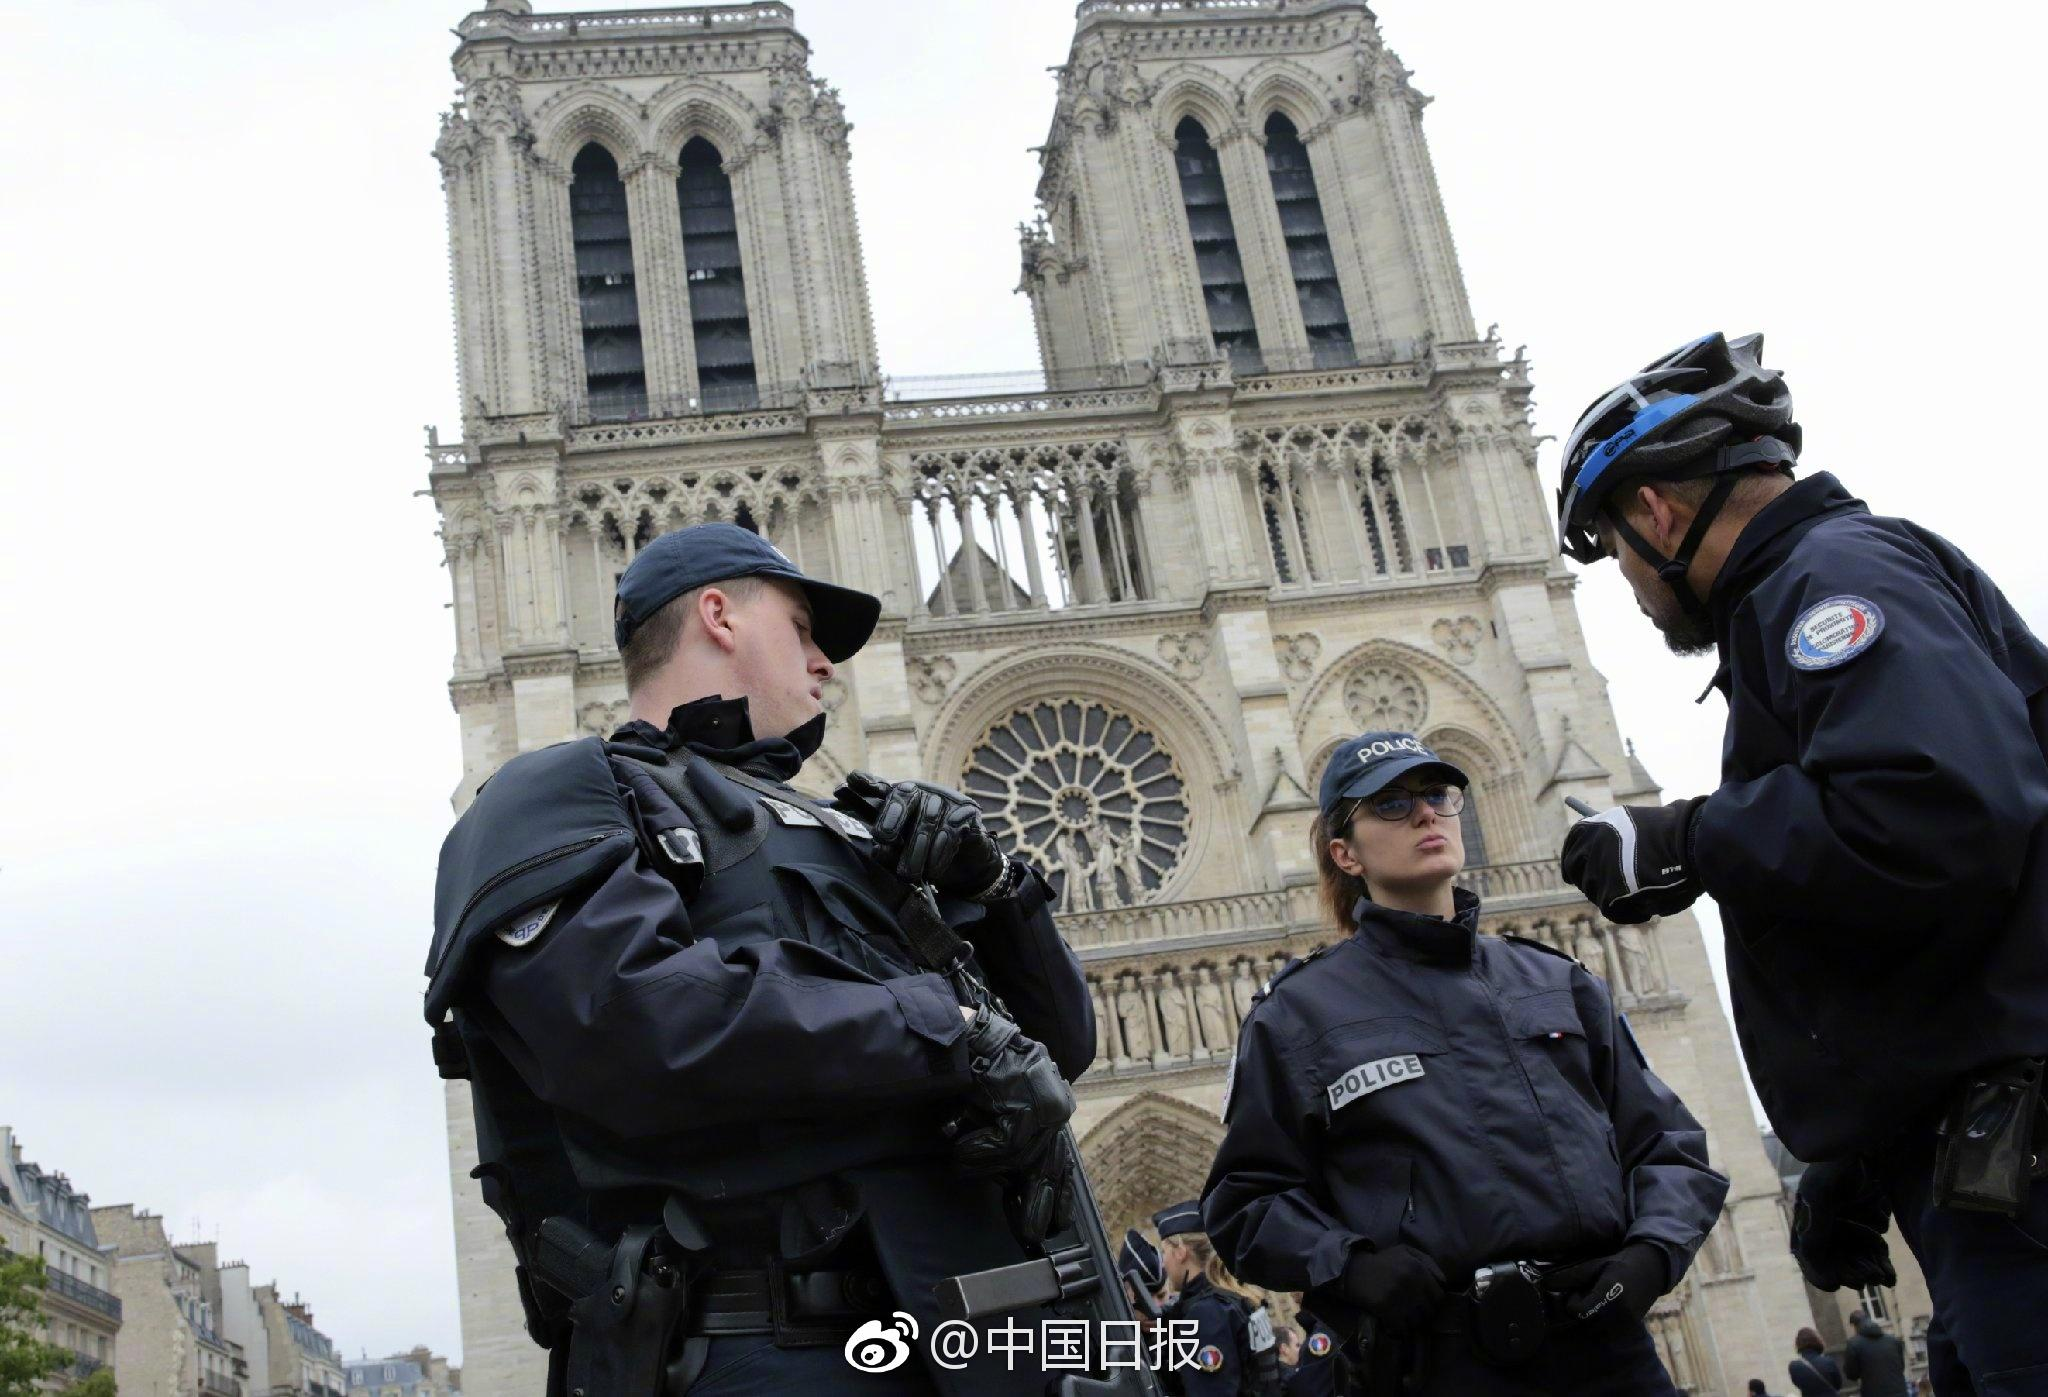 法国发生袭警事件 经确认袭击者是名学生现已被警方制服